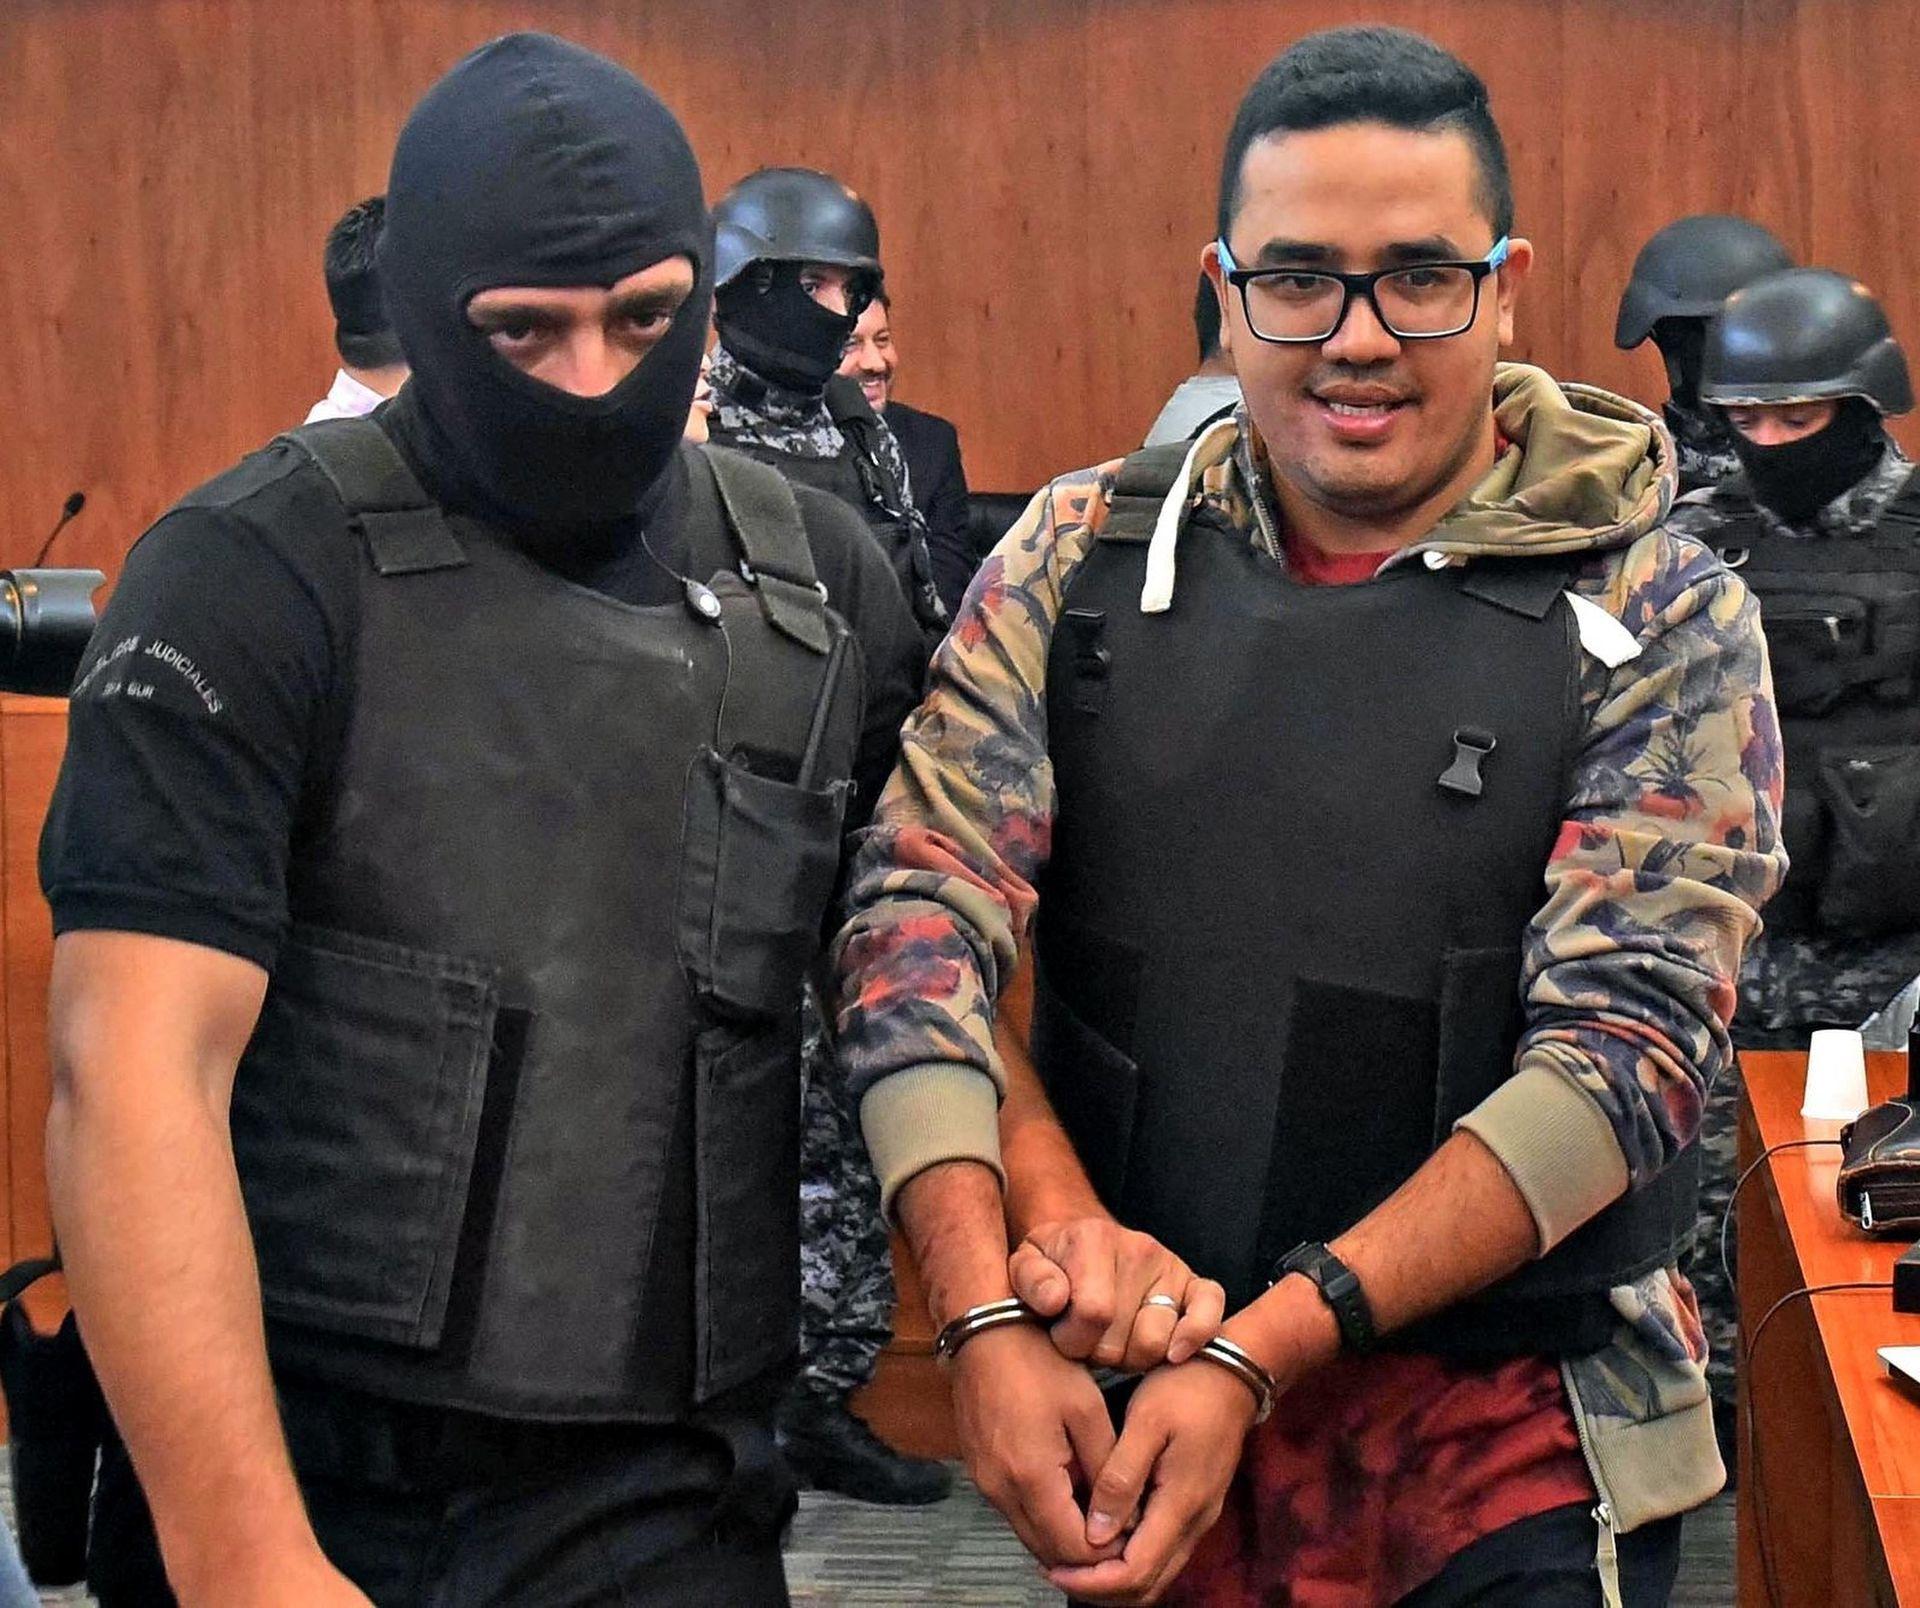 El líder de Los Monos creció en un clan narco en la cruda periferia del barrio La Granada, en el sur de Rosario